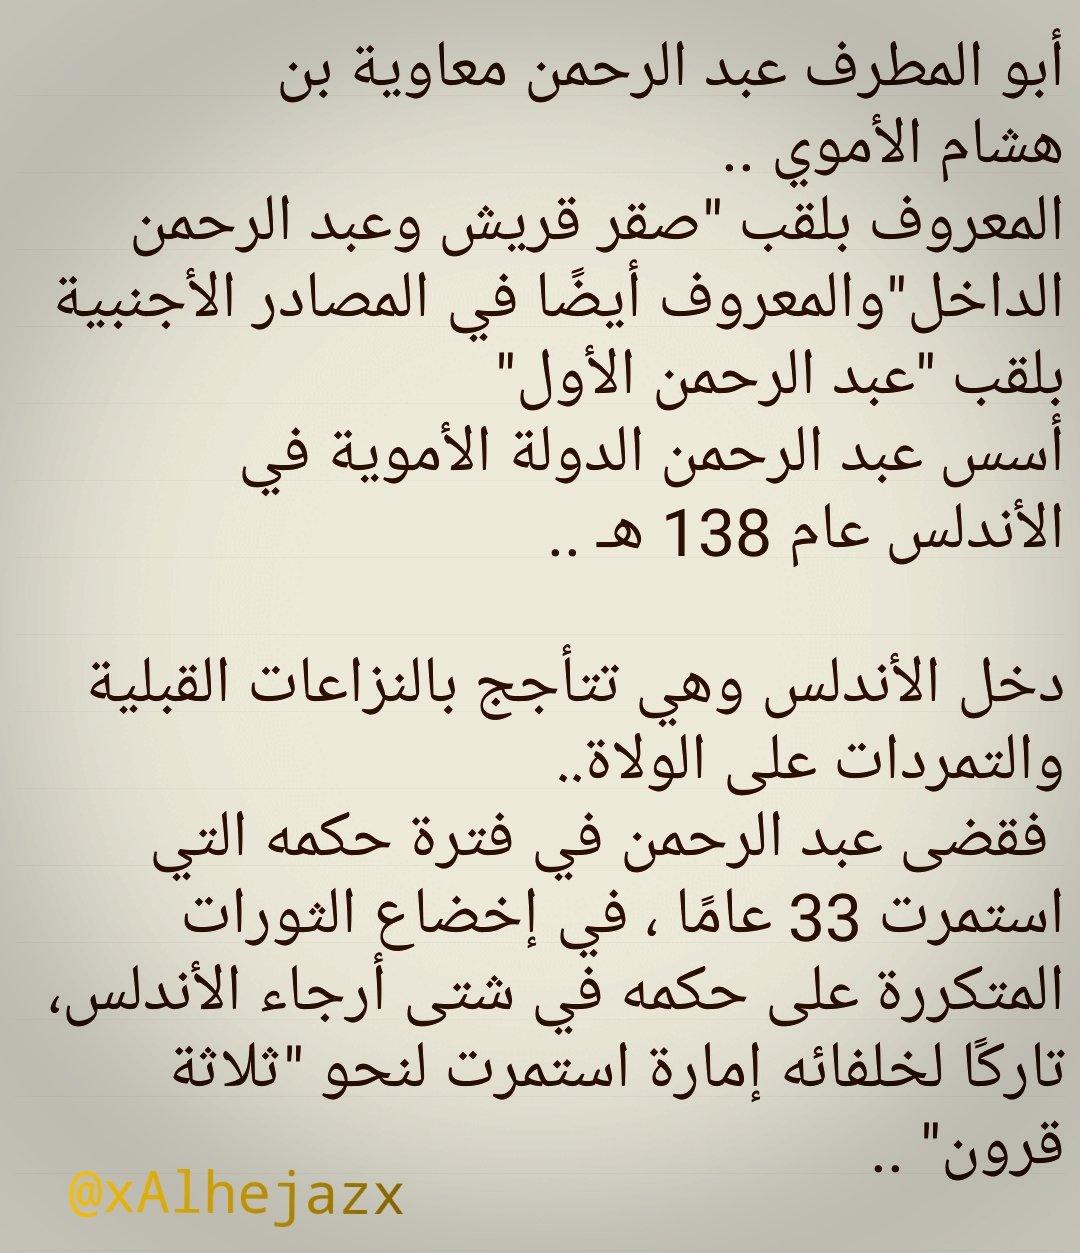 """عيون الحجاز on Twitter: """"#هوية_الحجاز صقر قريش """"عبد الرحمن الداخل ..."""